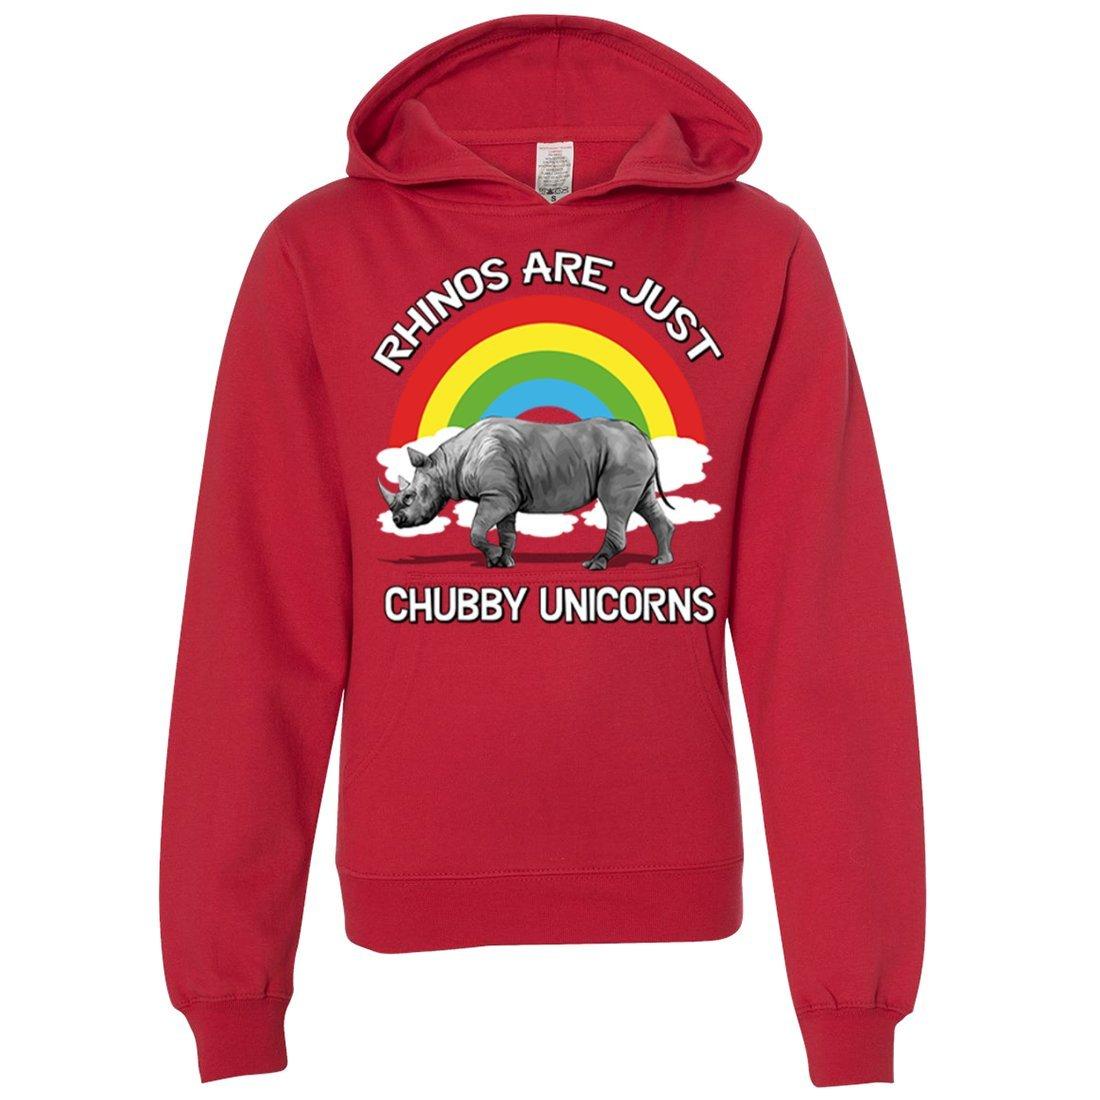 Dolphin Shirt Co Chubby Unicorn Premium Youth Sweatshirt Hoodie